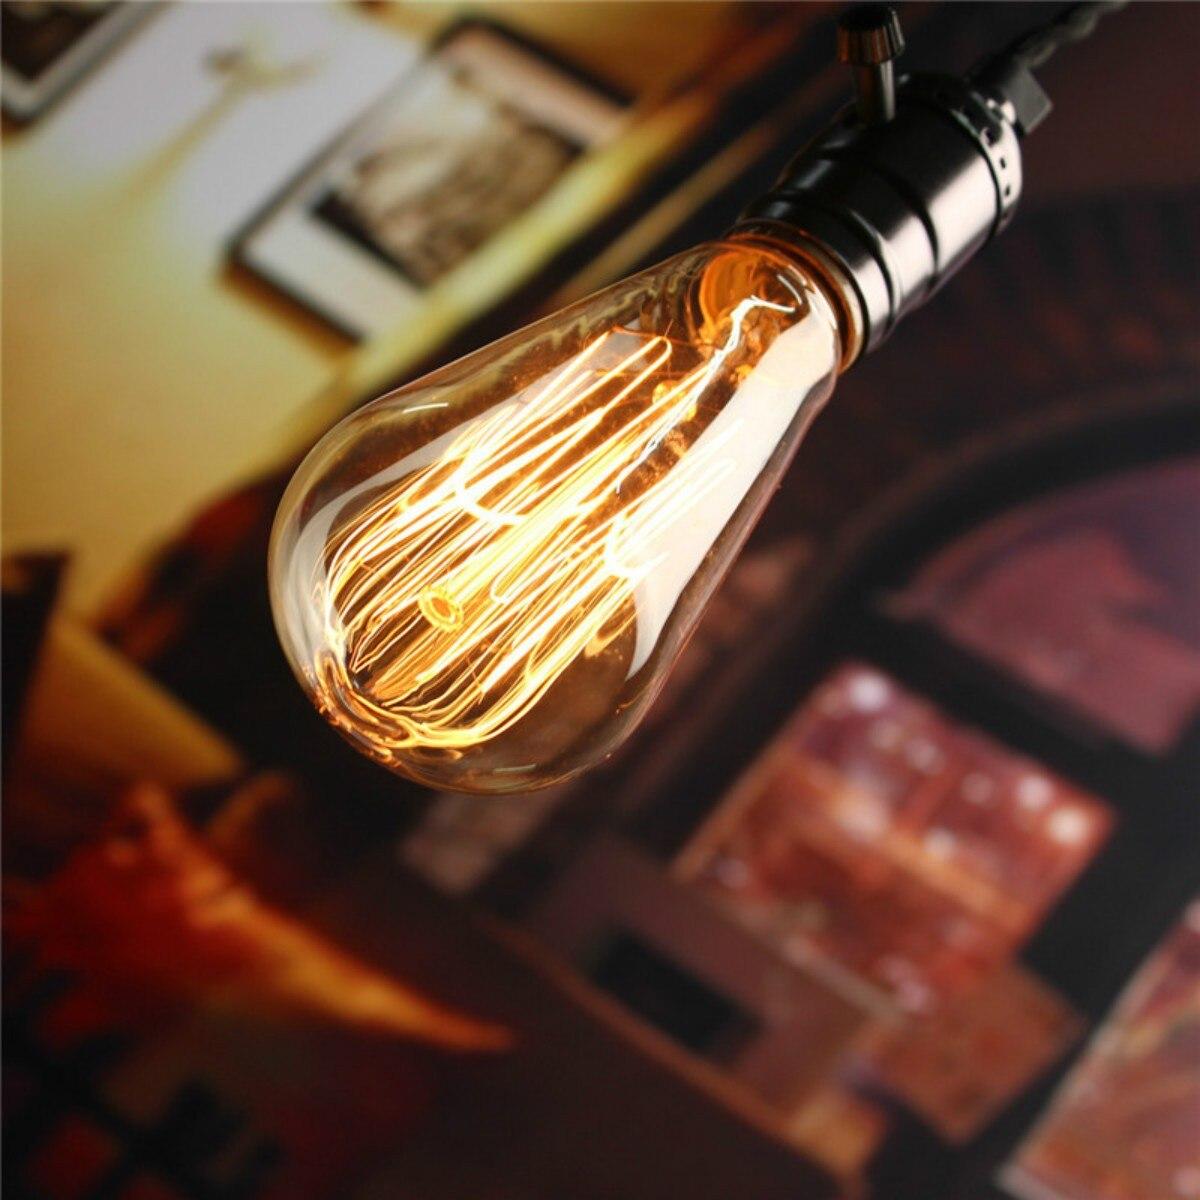 buy e27 vintage filament lamp 220v. Black Bedroom Furniture Sets. Home Design Ideas